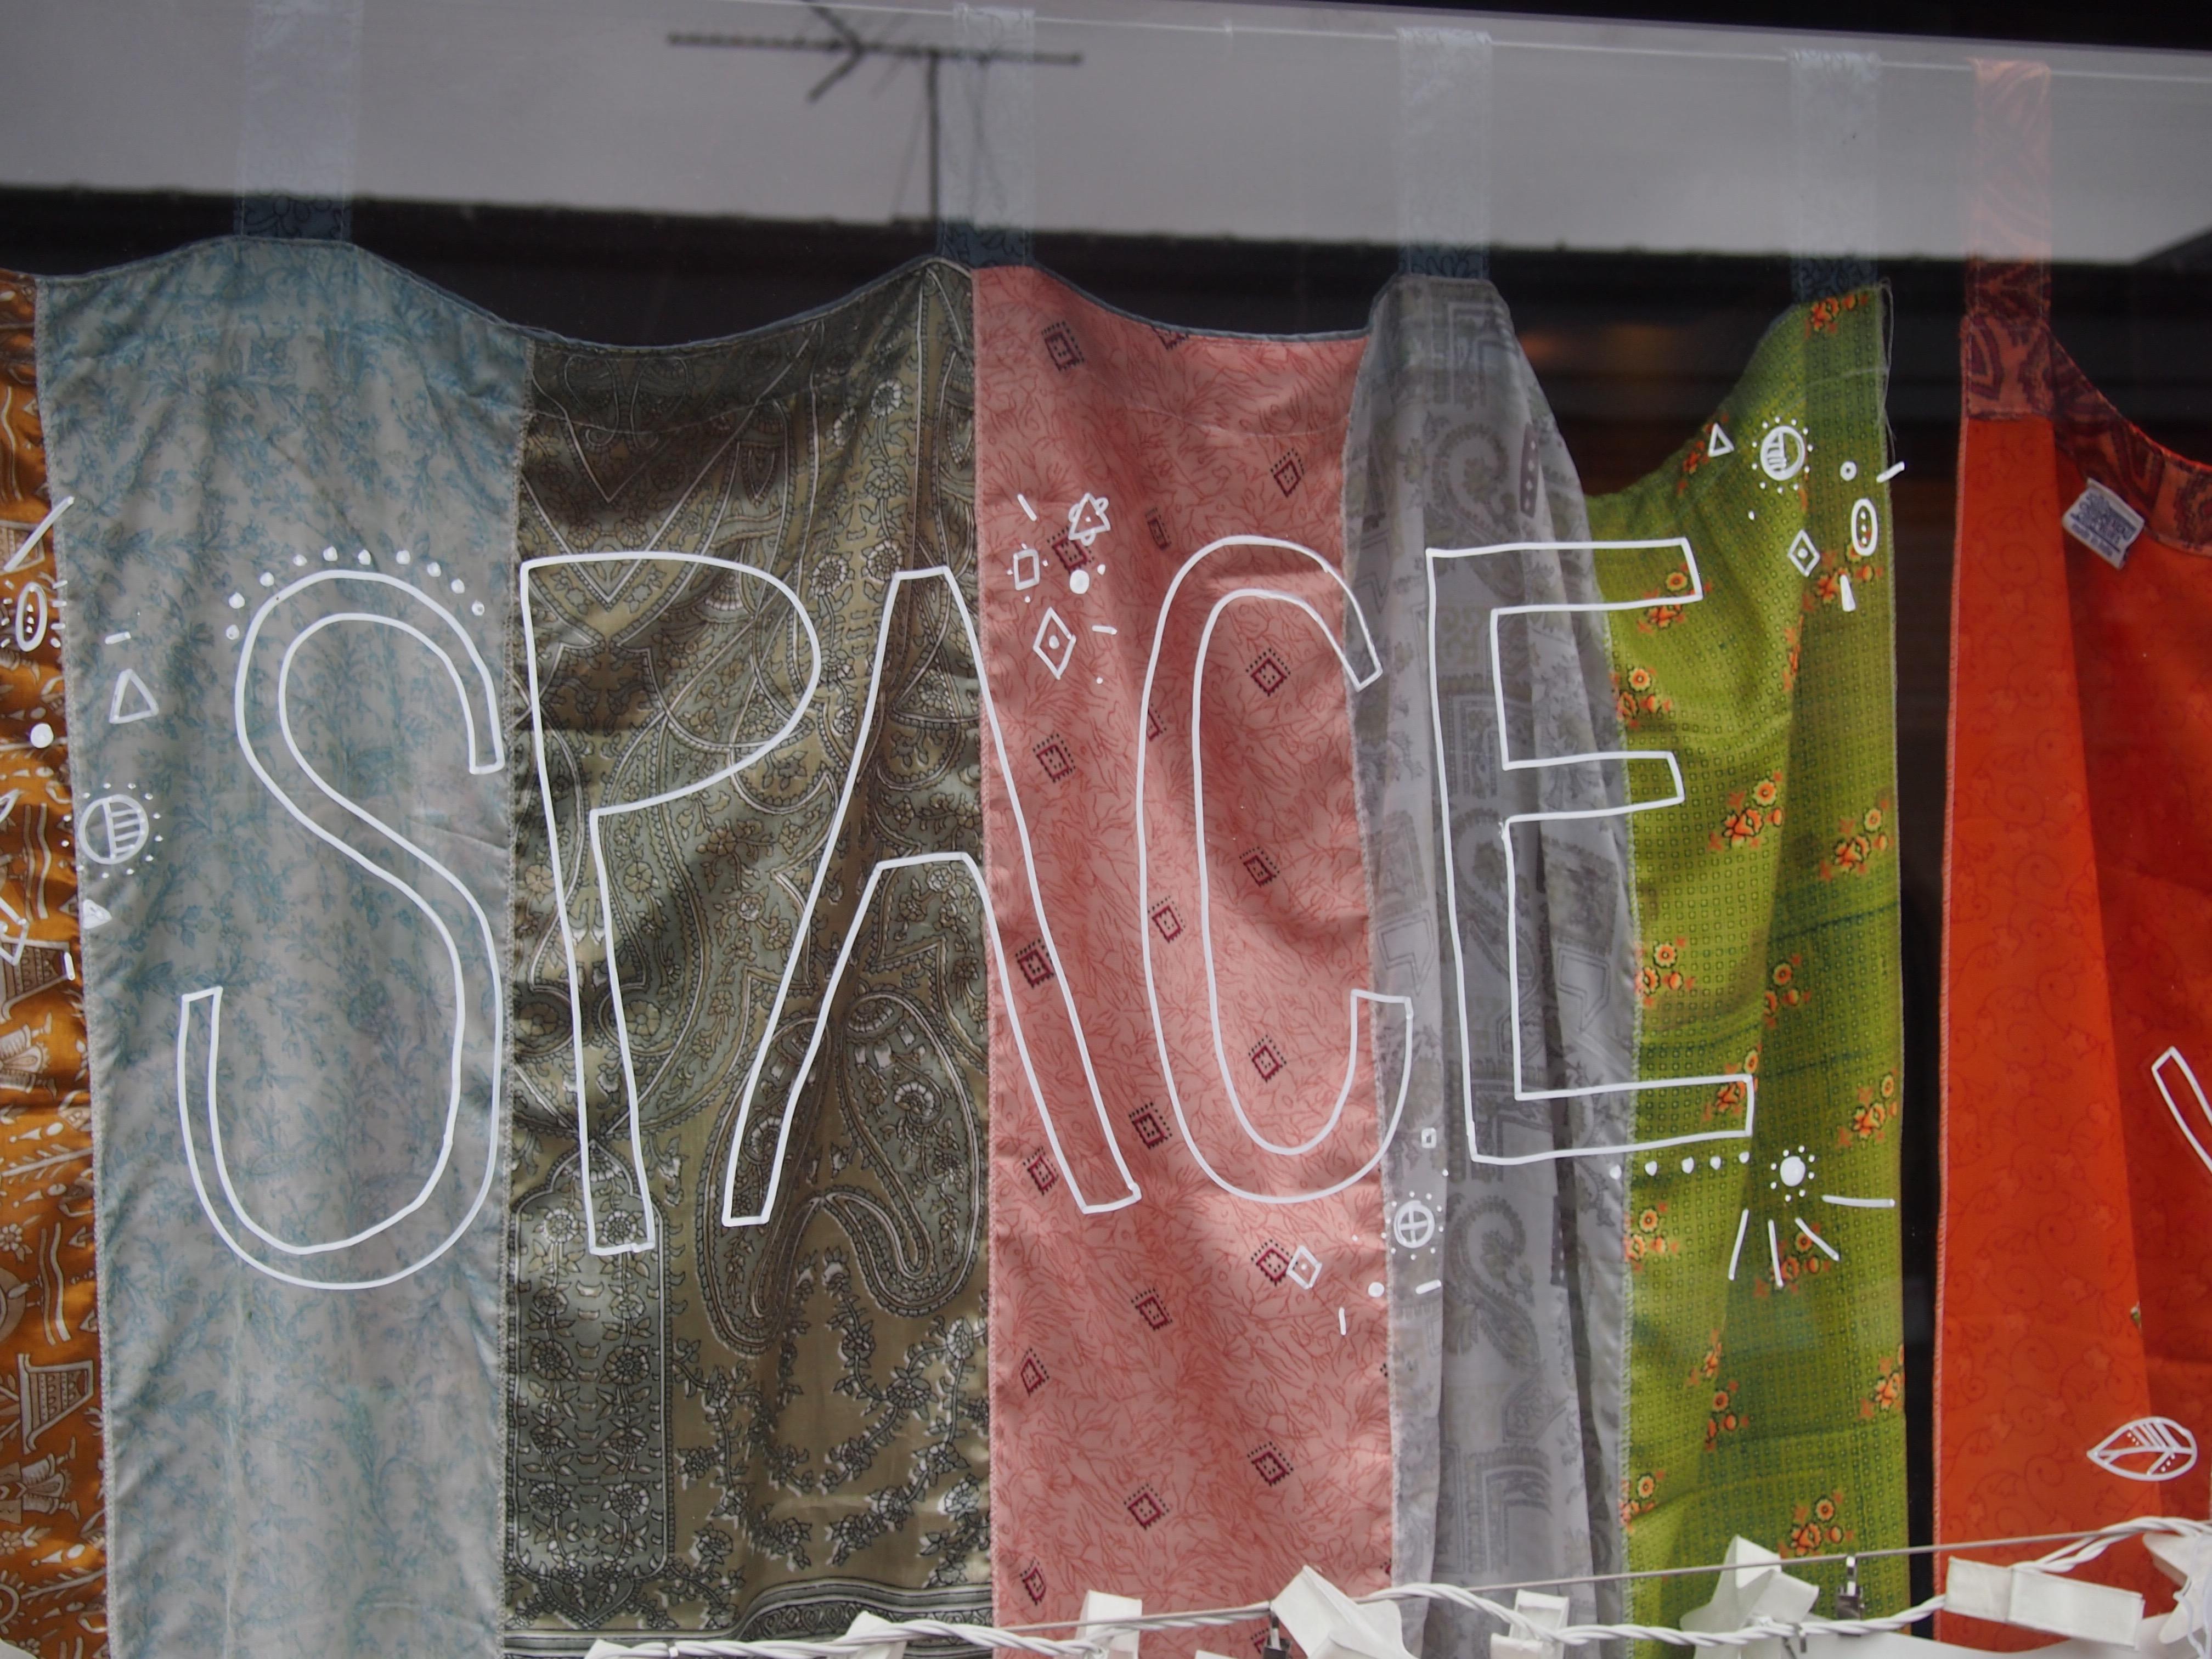 Akasha Sanskrit for Space